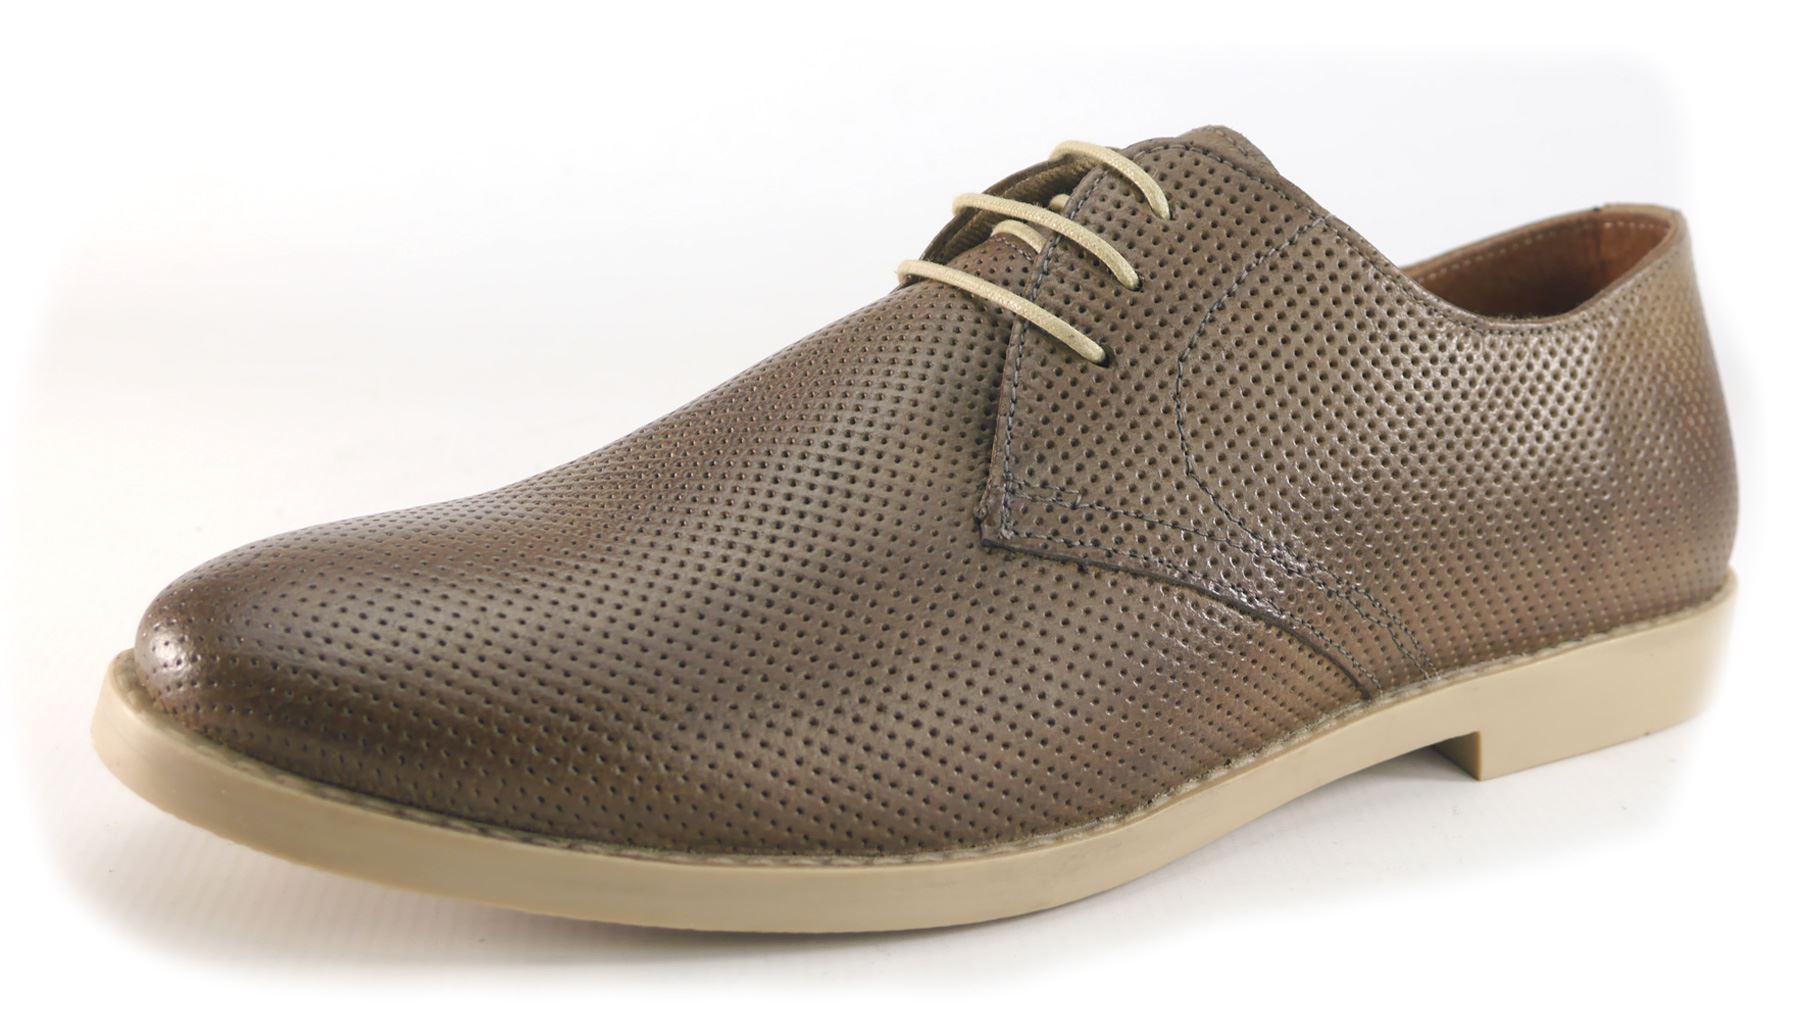 21dd23357b20f Queste scarpe di alta qualità formale e casuale da burocrazia vengono fatte  da un alta qualità tomaia in morbida pelle per un comfort dall usura prima.